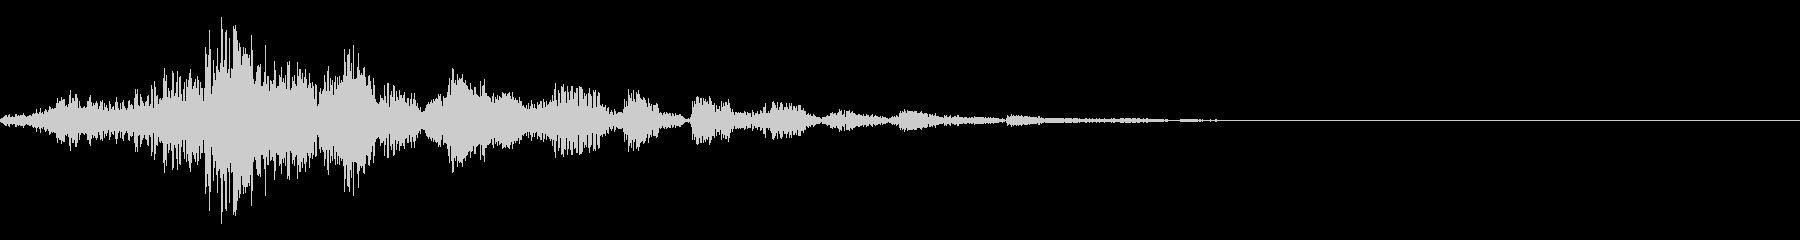 場面転換 クールなベースサウンド の未再生の波形